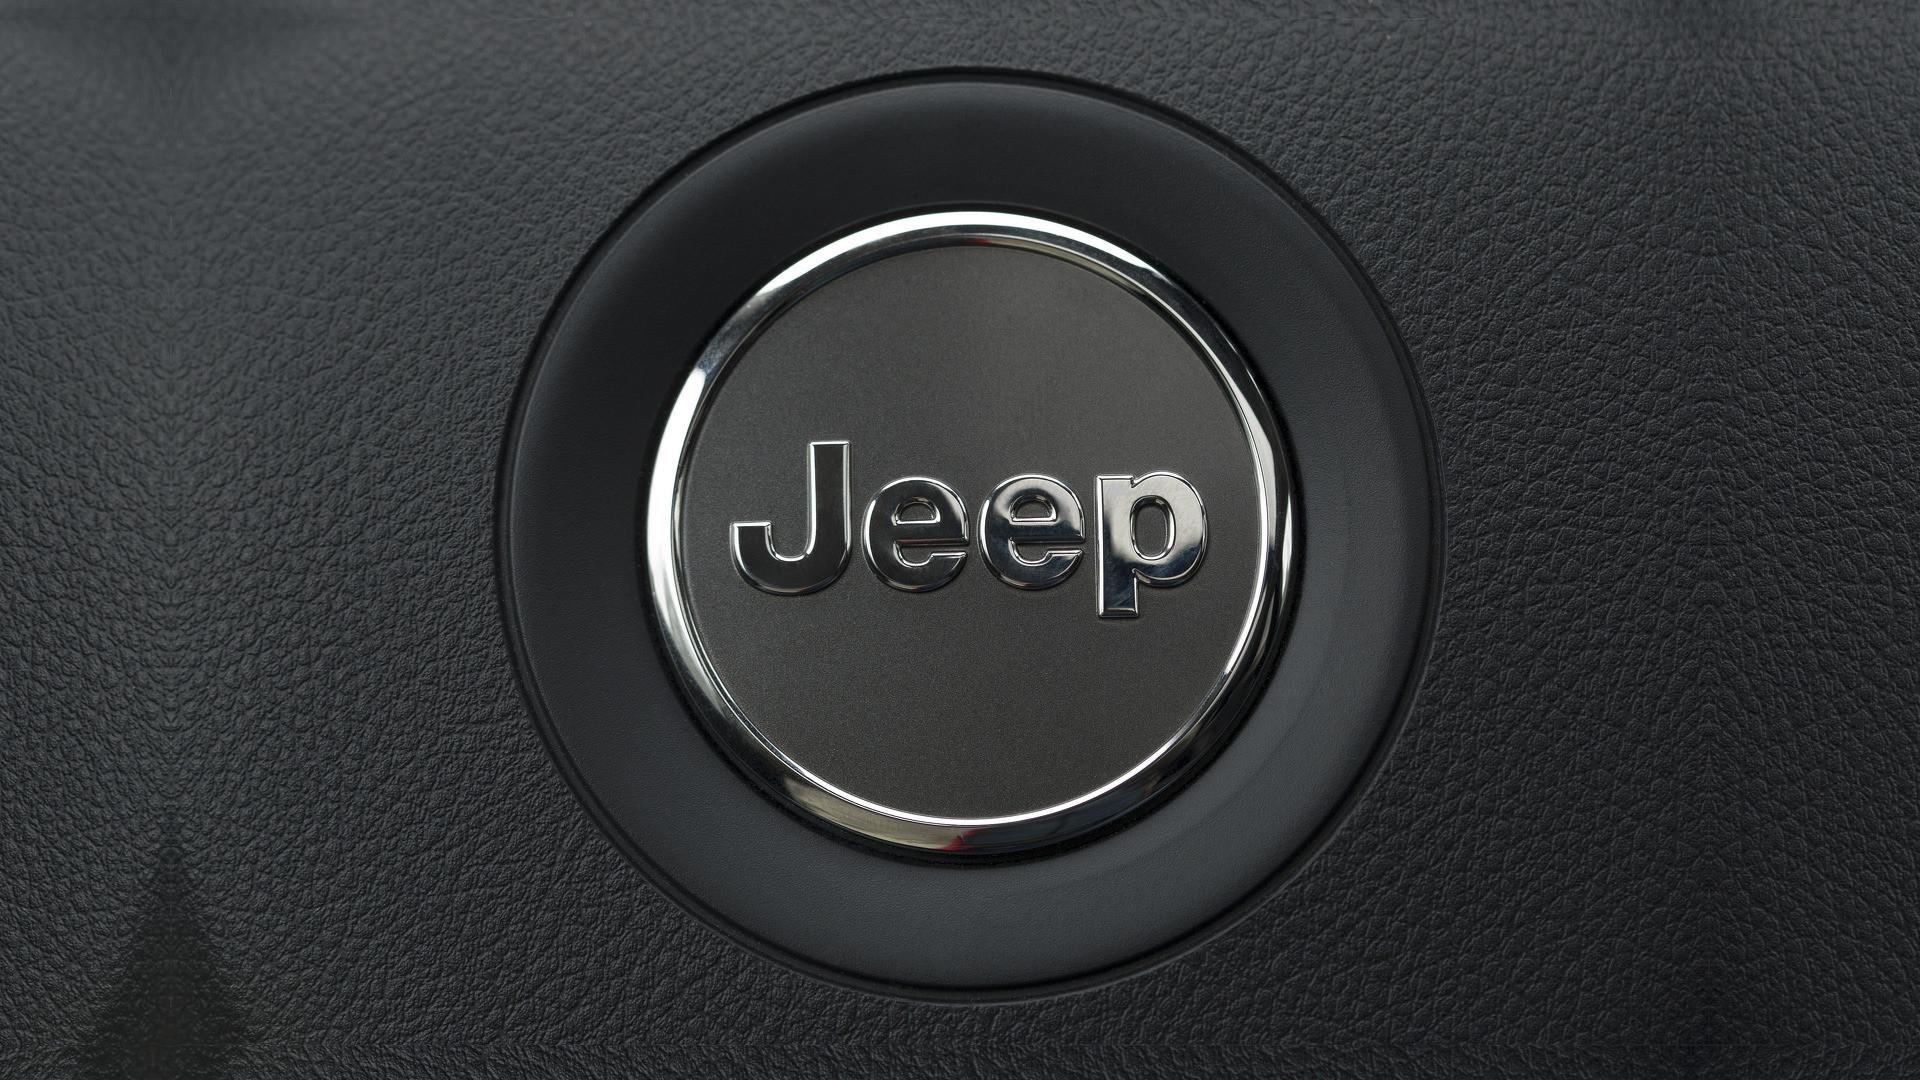 Jaguar Car Logo Hd Wallpaper Download Jeep Logo Wallpaper 61 Images